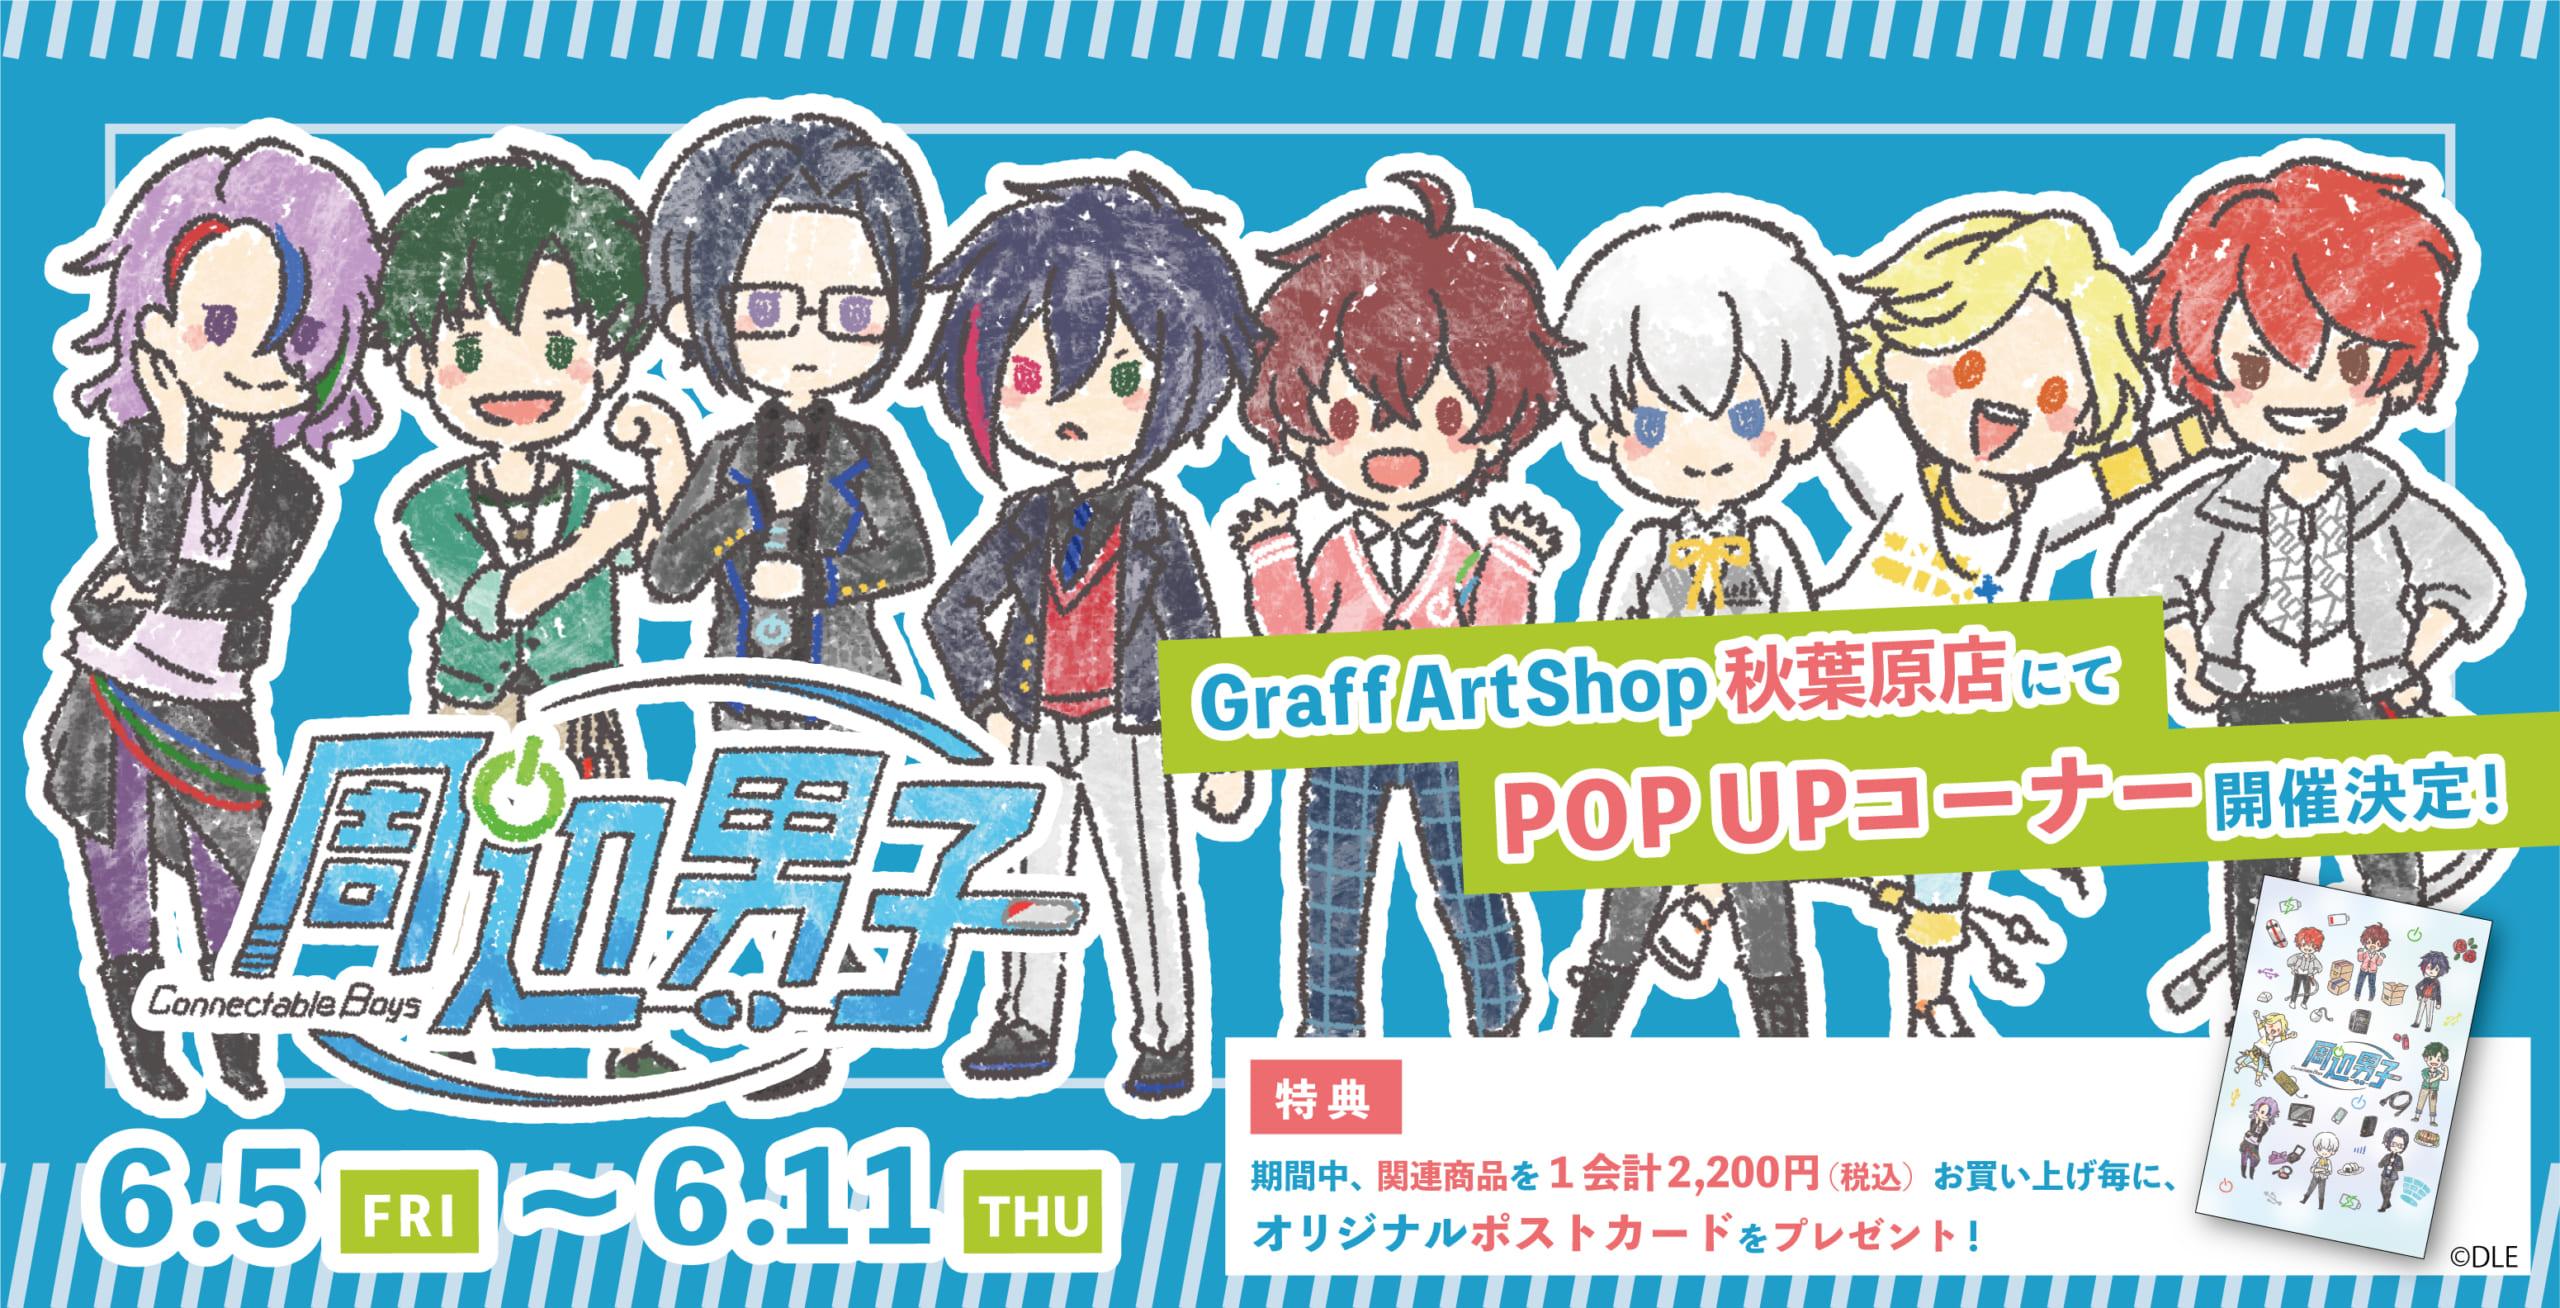 『周辺男子』GraffArtデザインのグッズ新登場!POP UPコーナー開催決定&オンラインストアでも販売